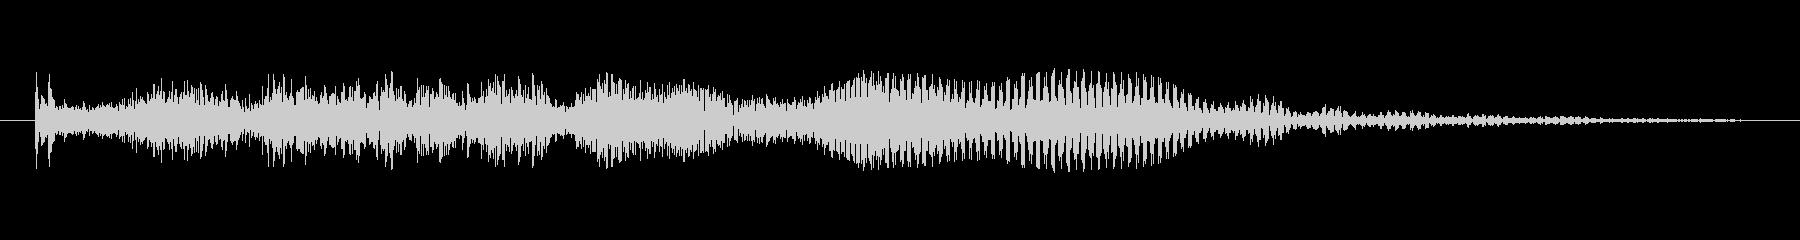 フィクション スペース 低レーザー...の未再生の波形